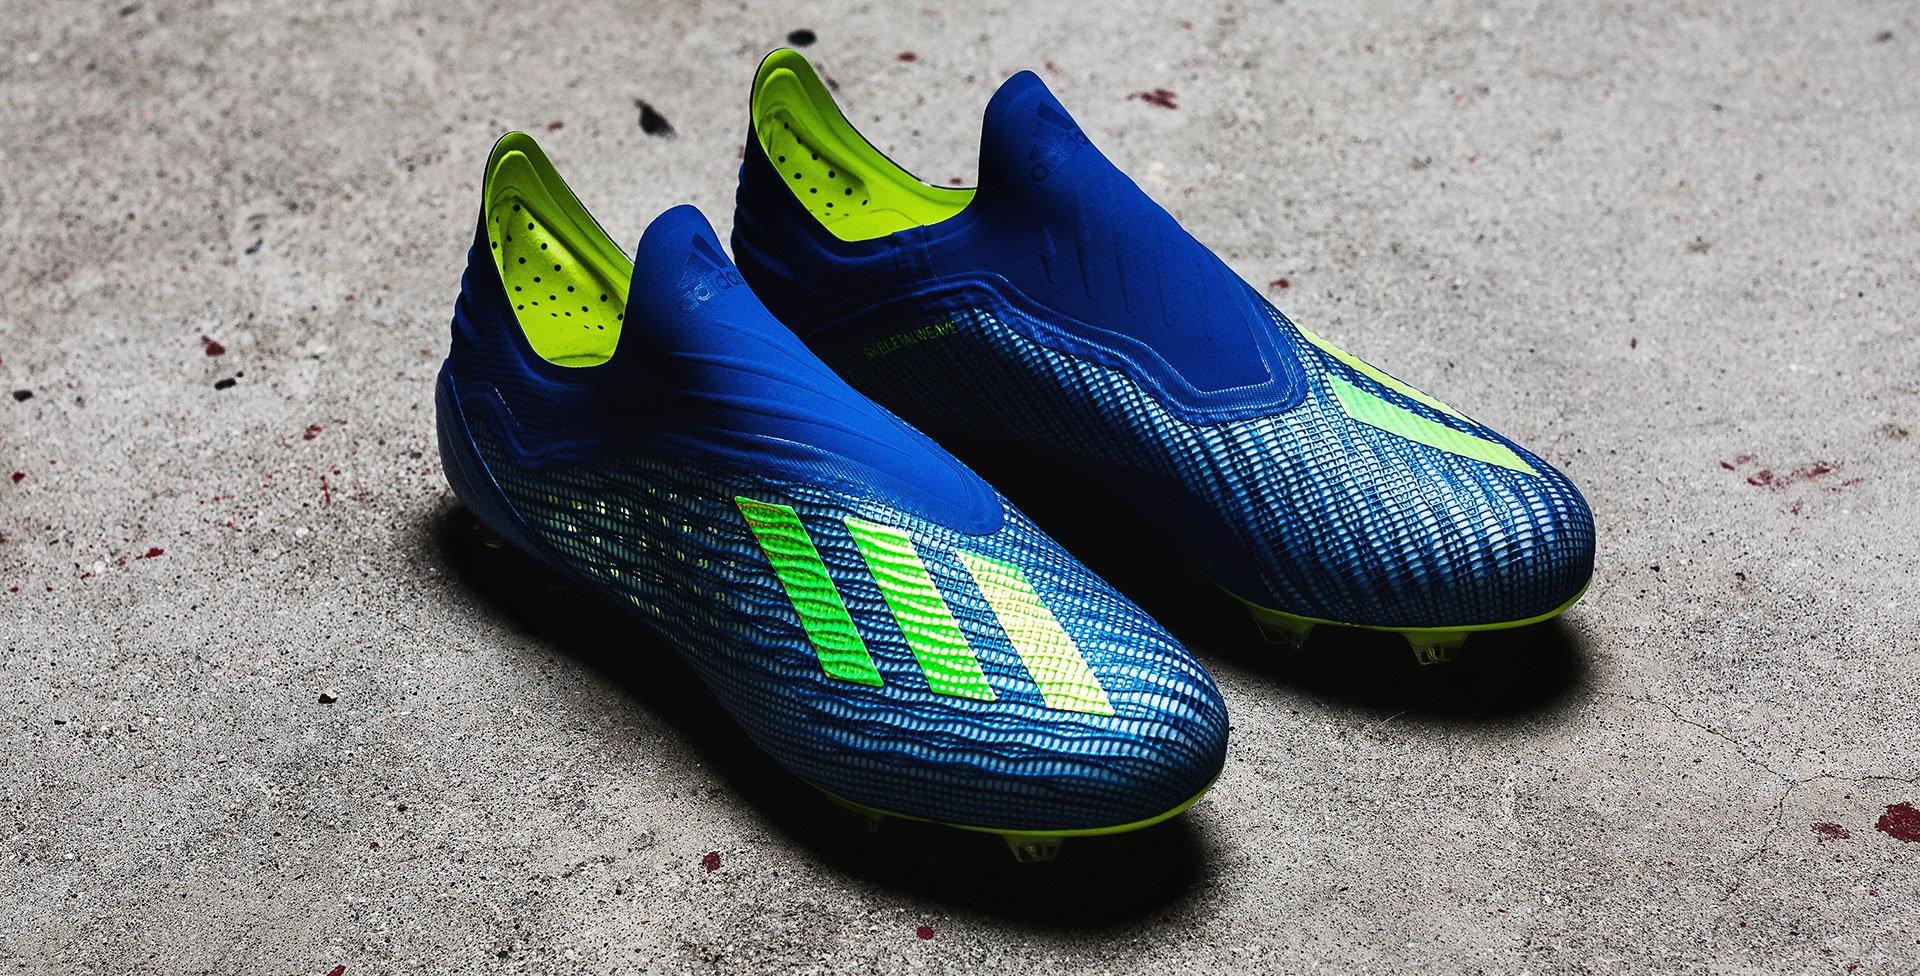 brand new 2ecd9 cbc8d Nya skor för adidas snabbaste spelare  Möt X 18+